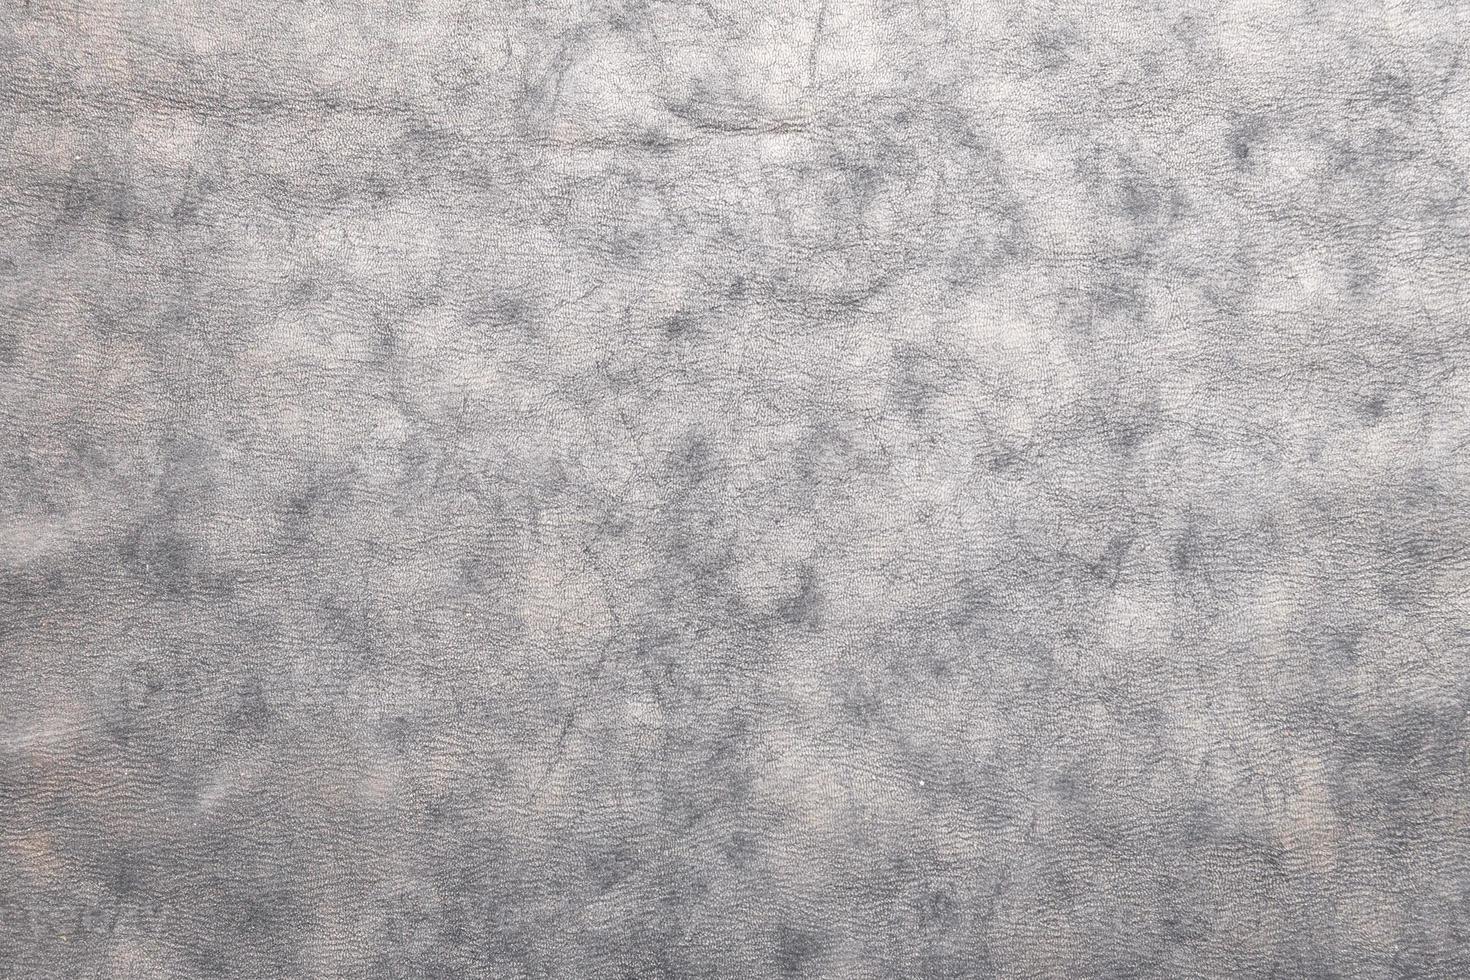 textura do fundo da parede foto